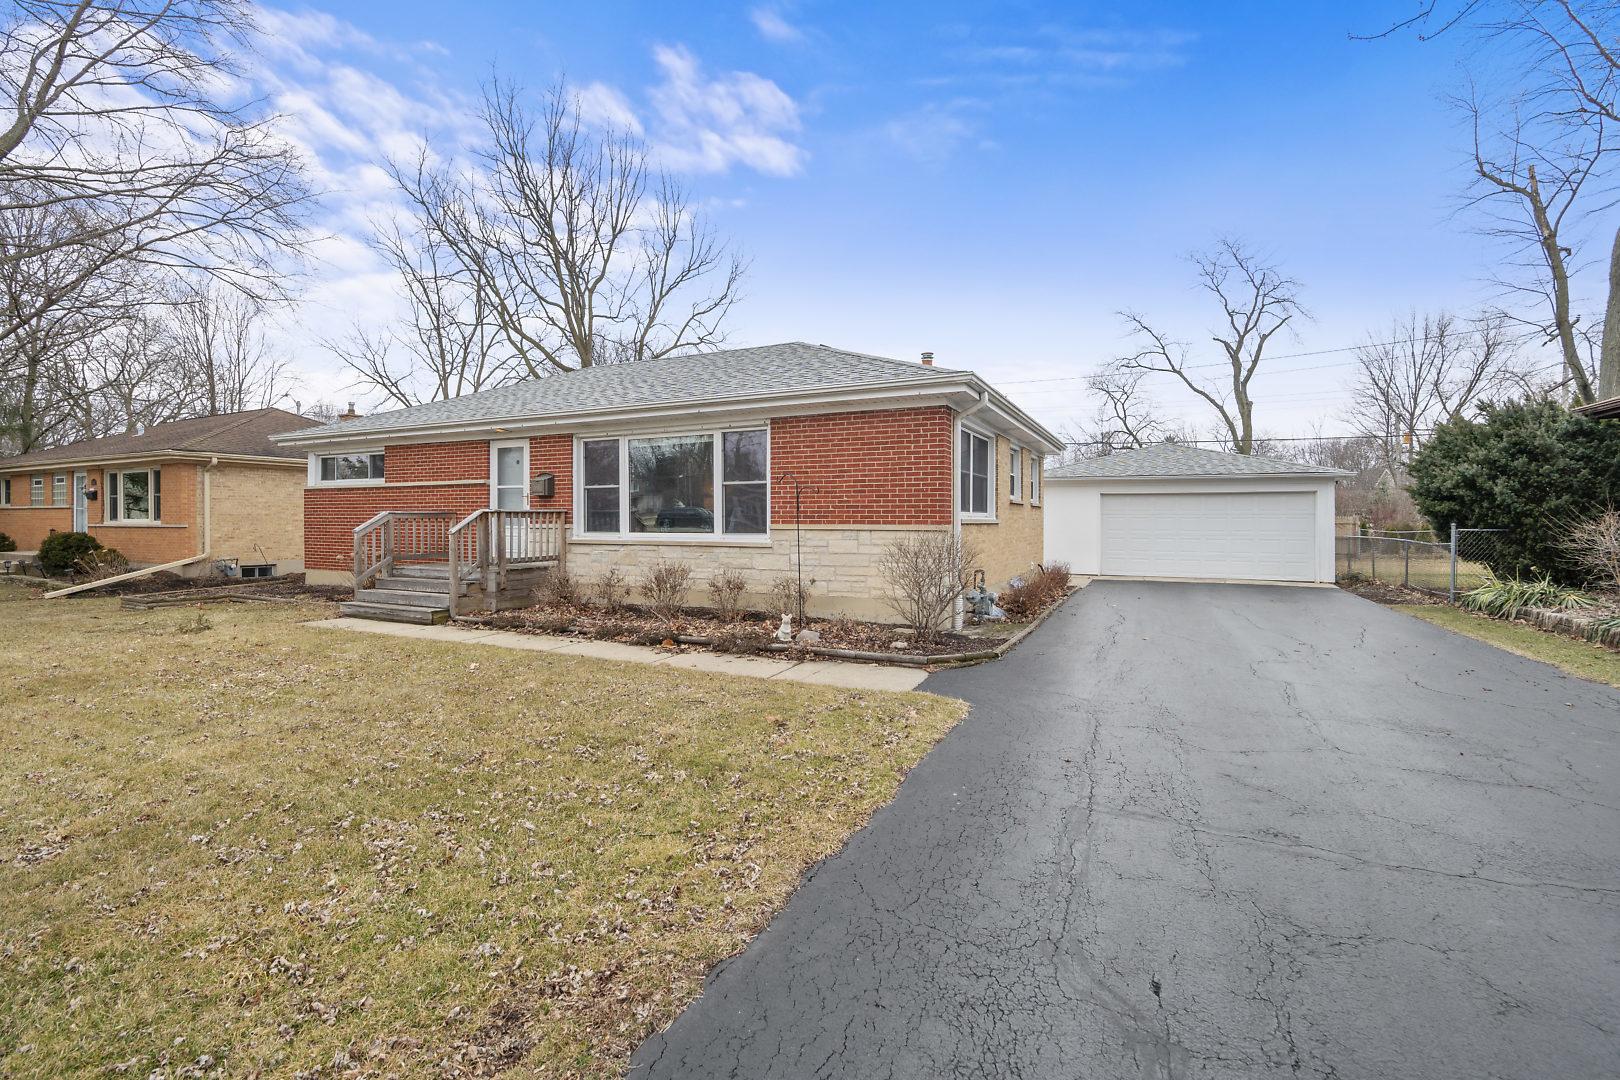 1007 Wakeman ,Wheaton, Illinois 60187